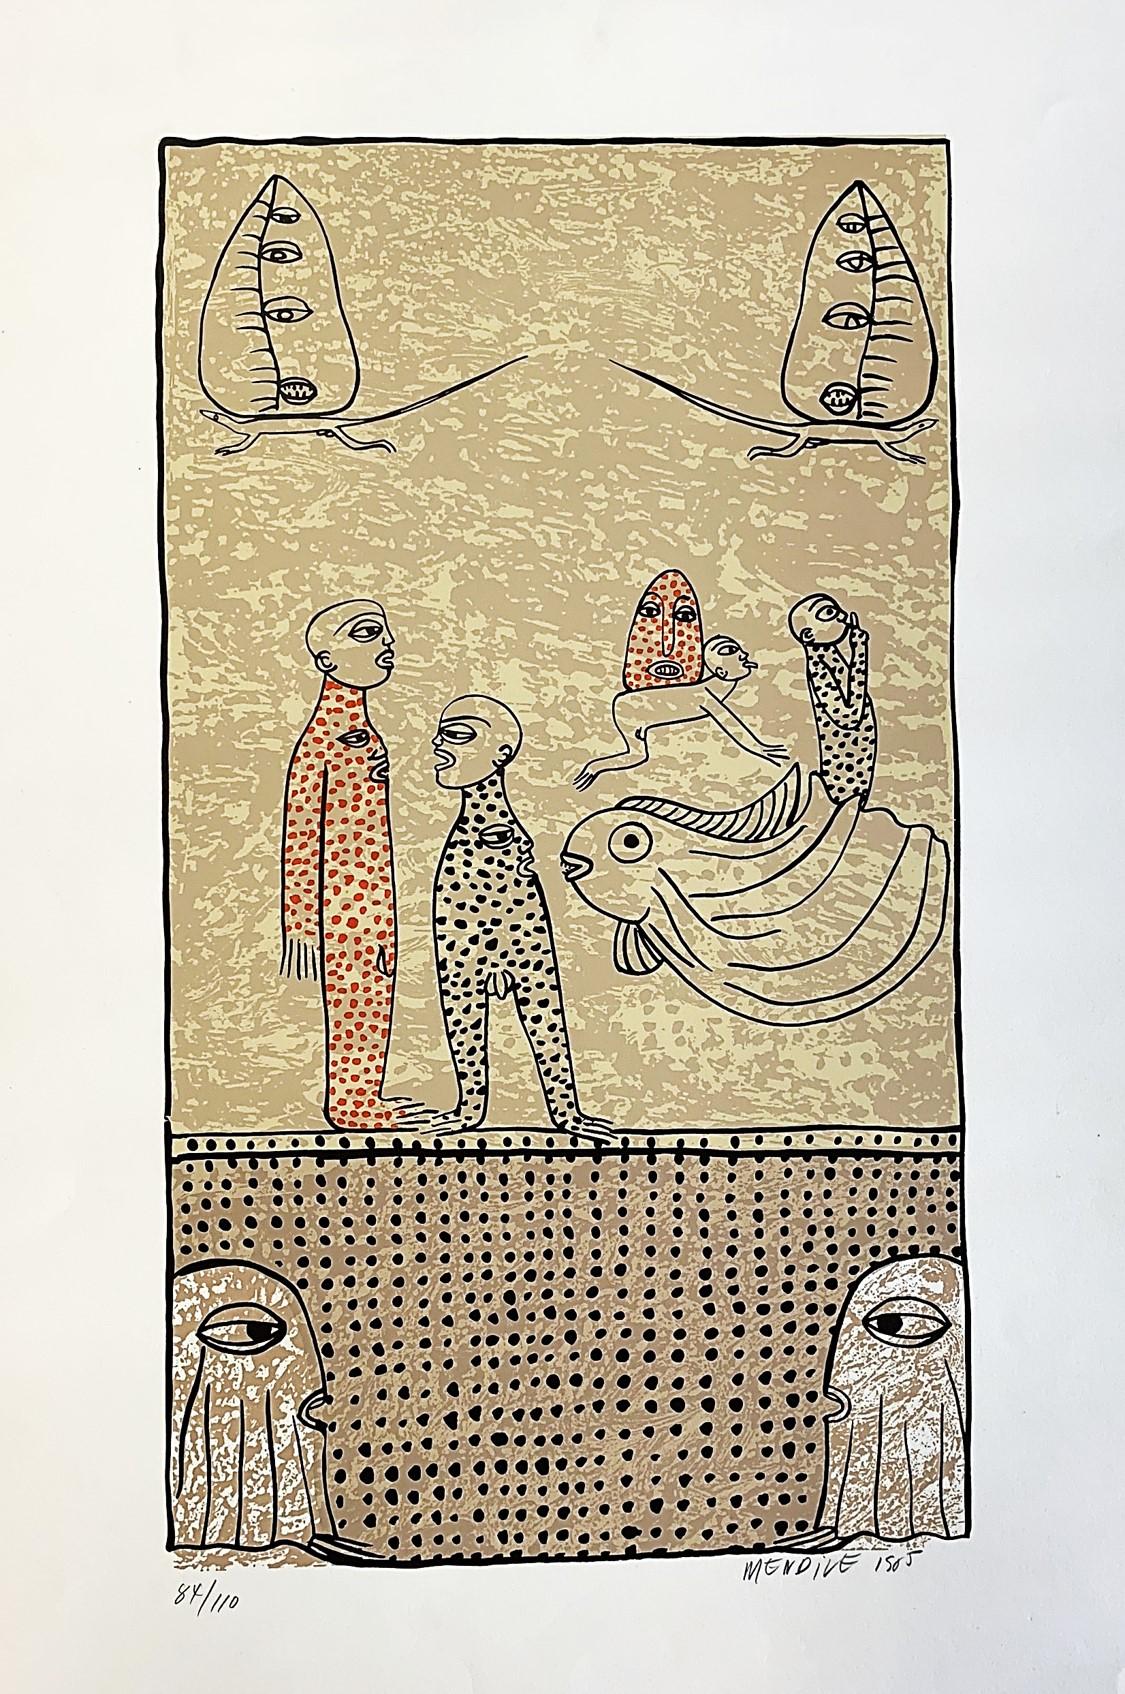 Sin Título (1985) - Manuel Mendive Hoyo